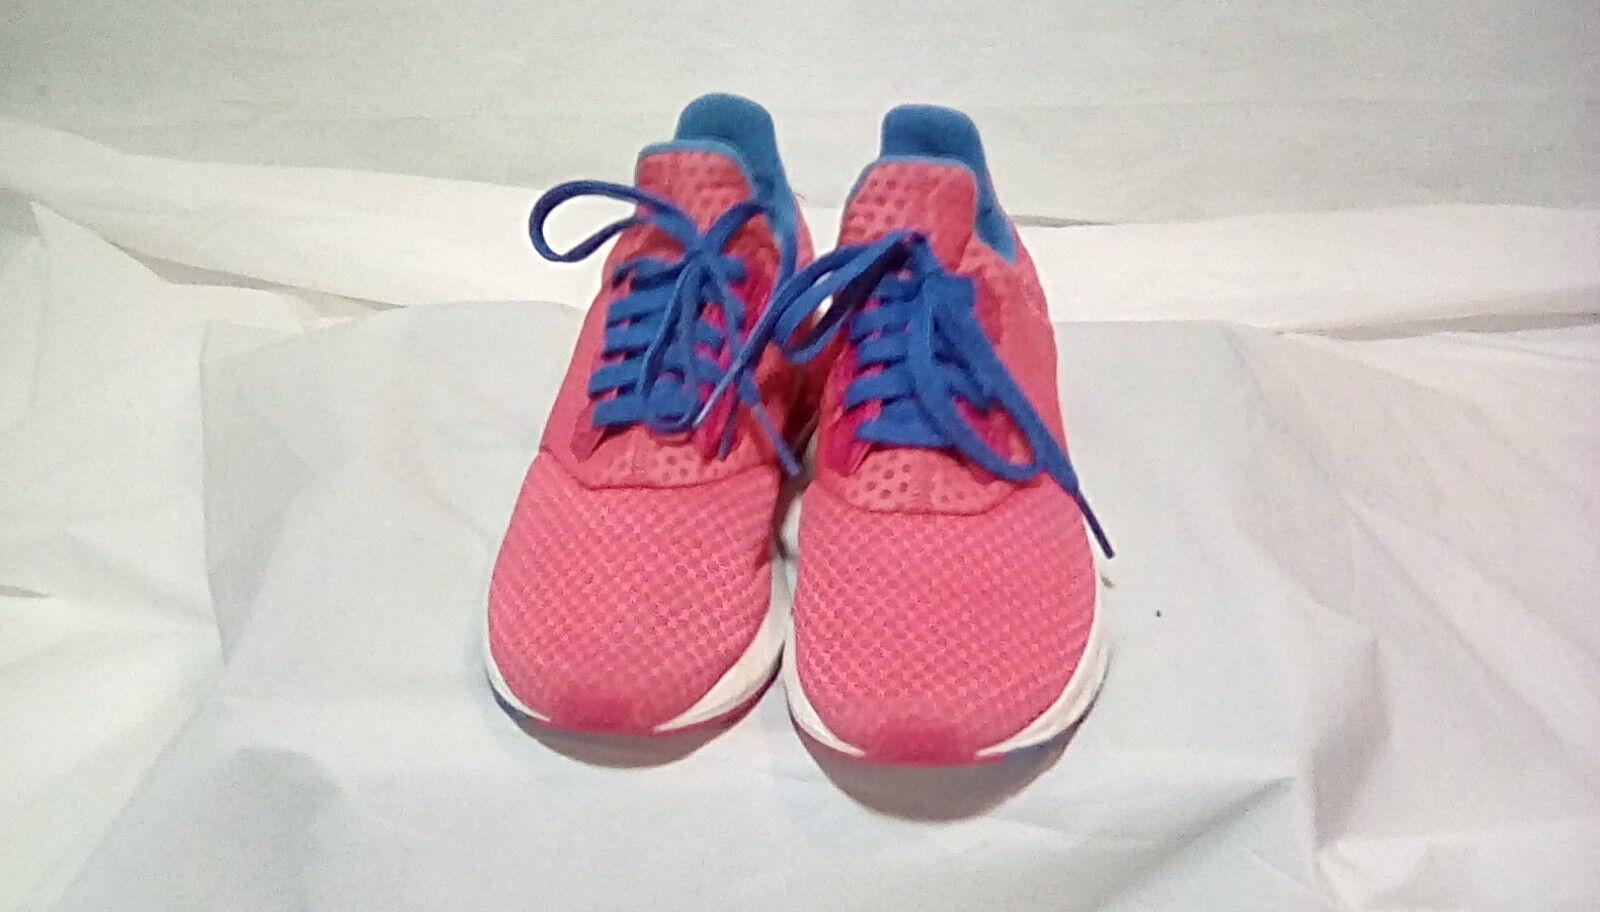 Adidas-Chaussures de course Cloudfoam Mesh rose / bleu / blanc pour femme-Taille 5